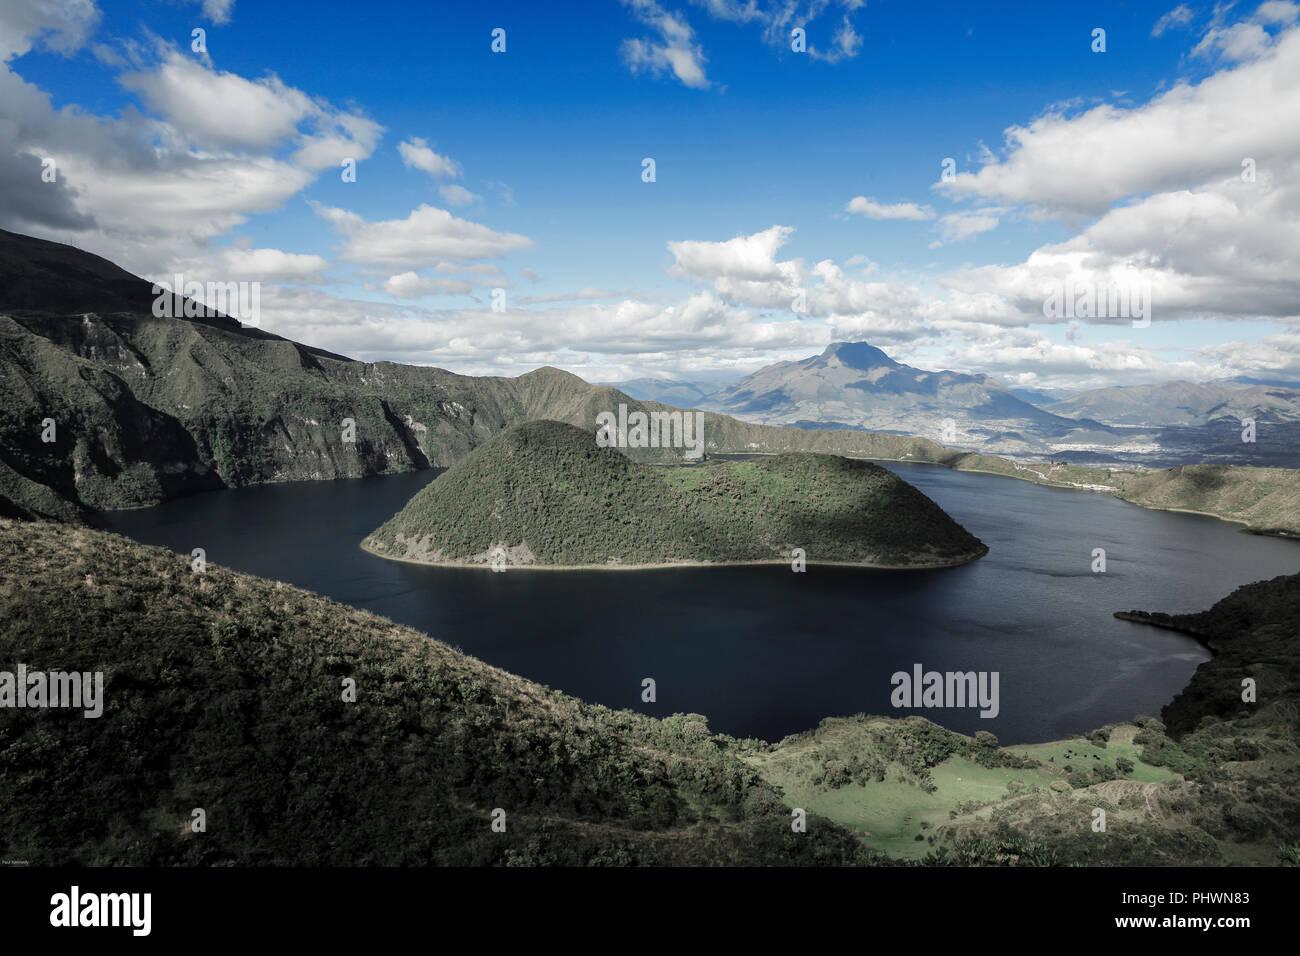 Cuicocha crater lake and caldera, Cotacachi volcano, Ecuador Stock Photo